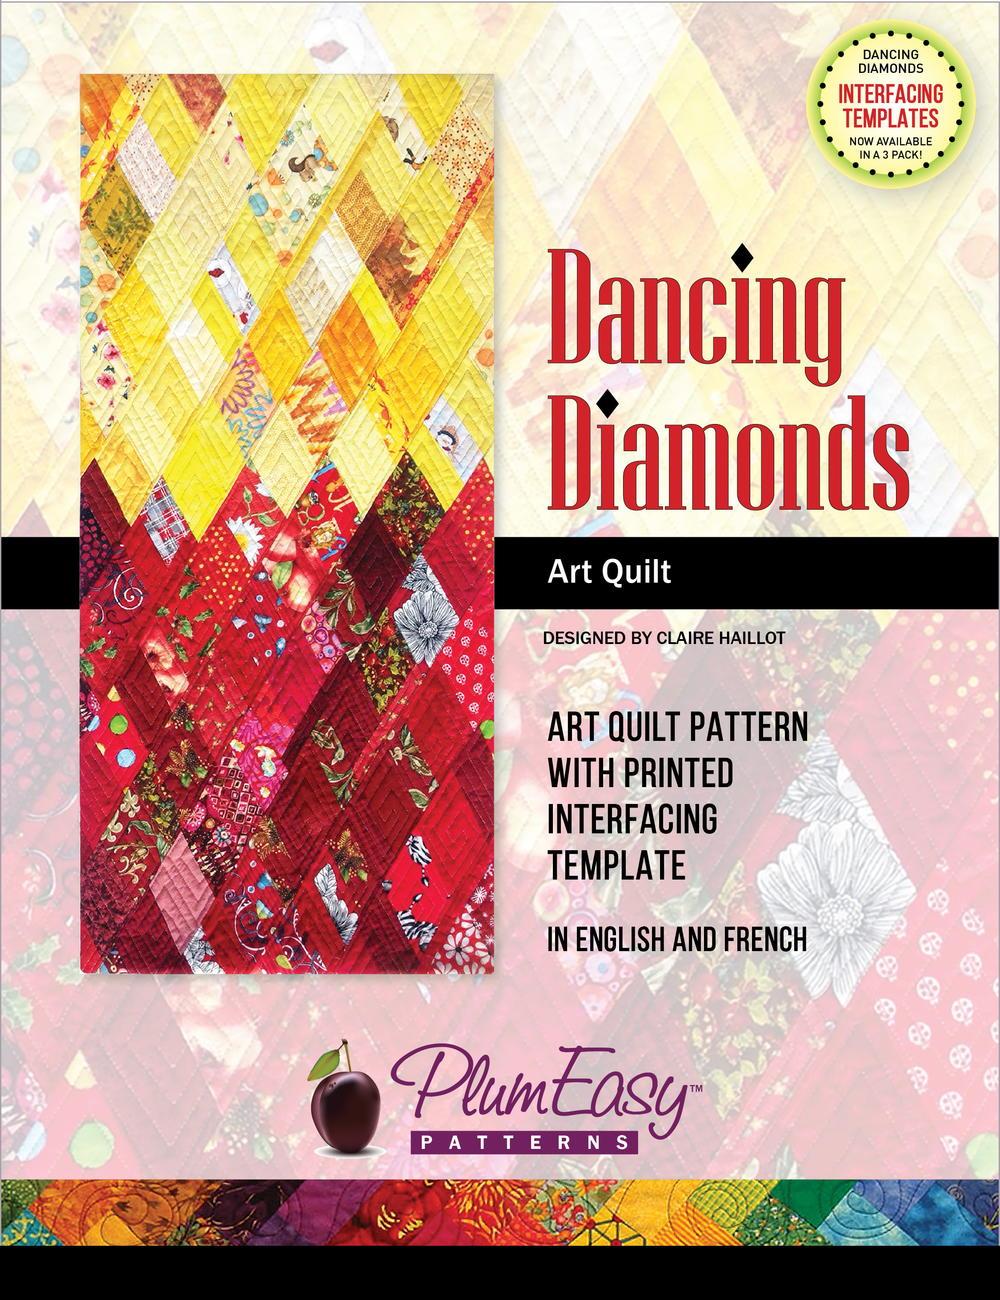 kitchen table placemats pegasus faucet parts dancing diamonds art quilt pattern review | favequilts.com